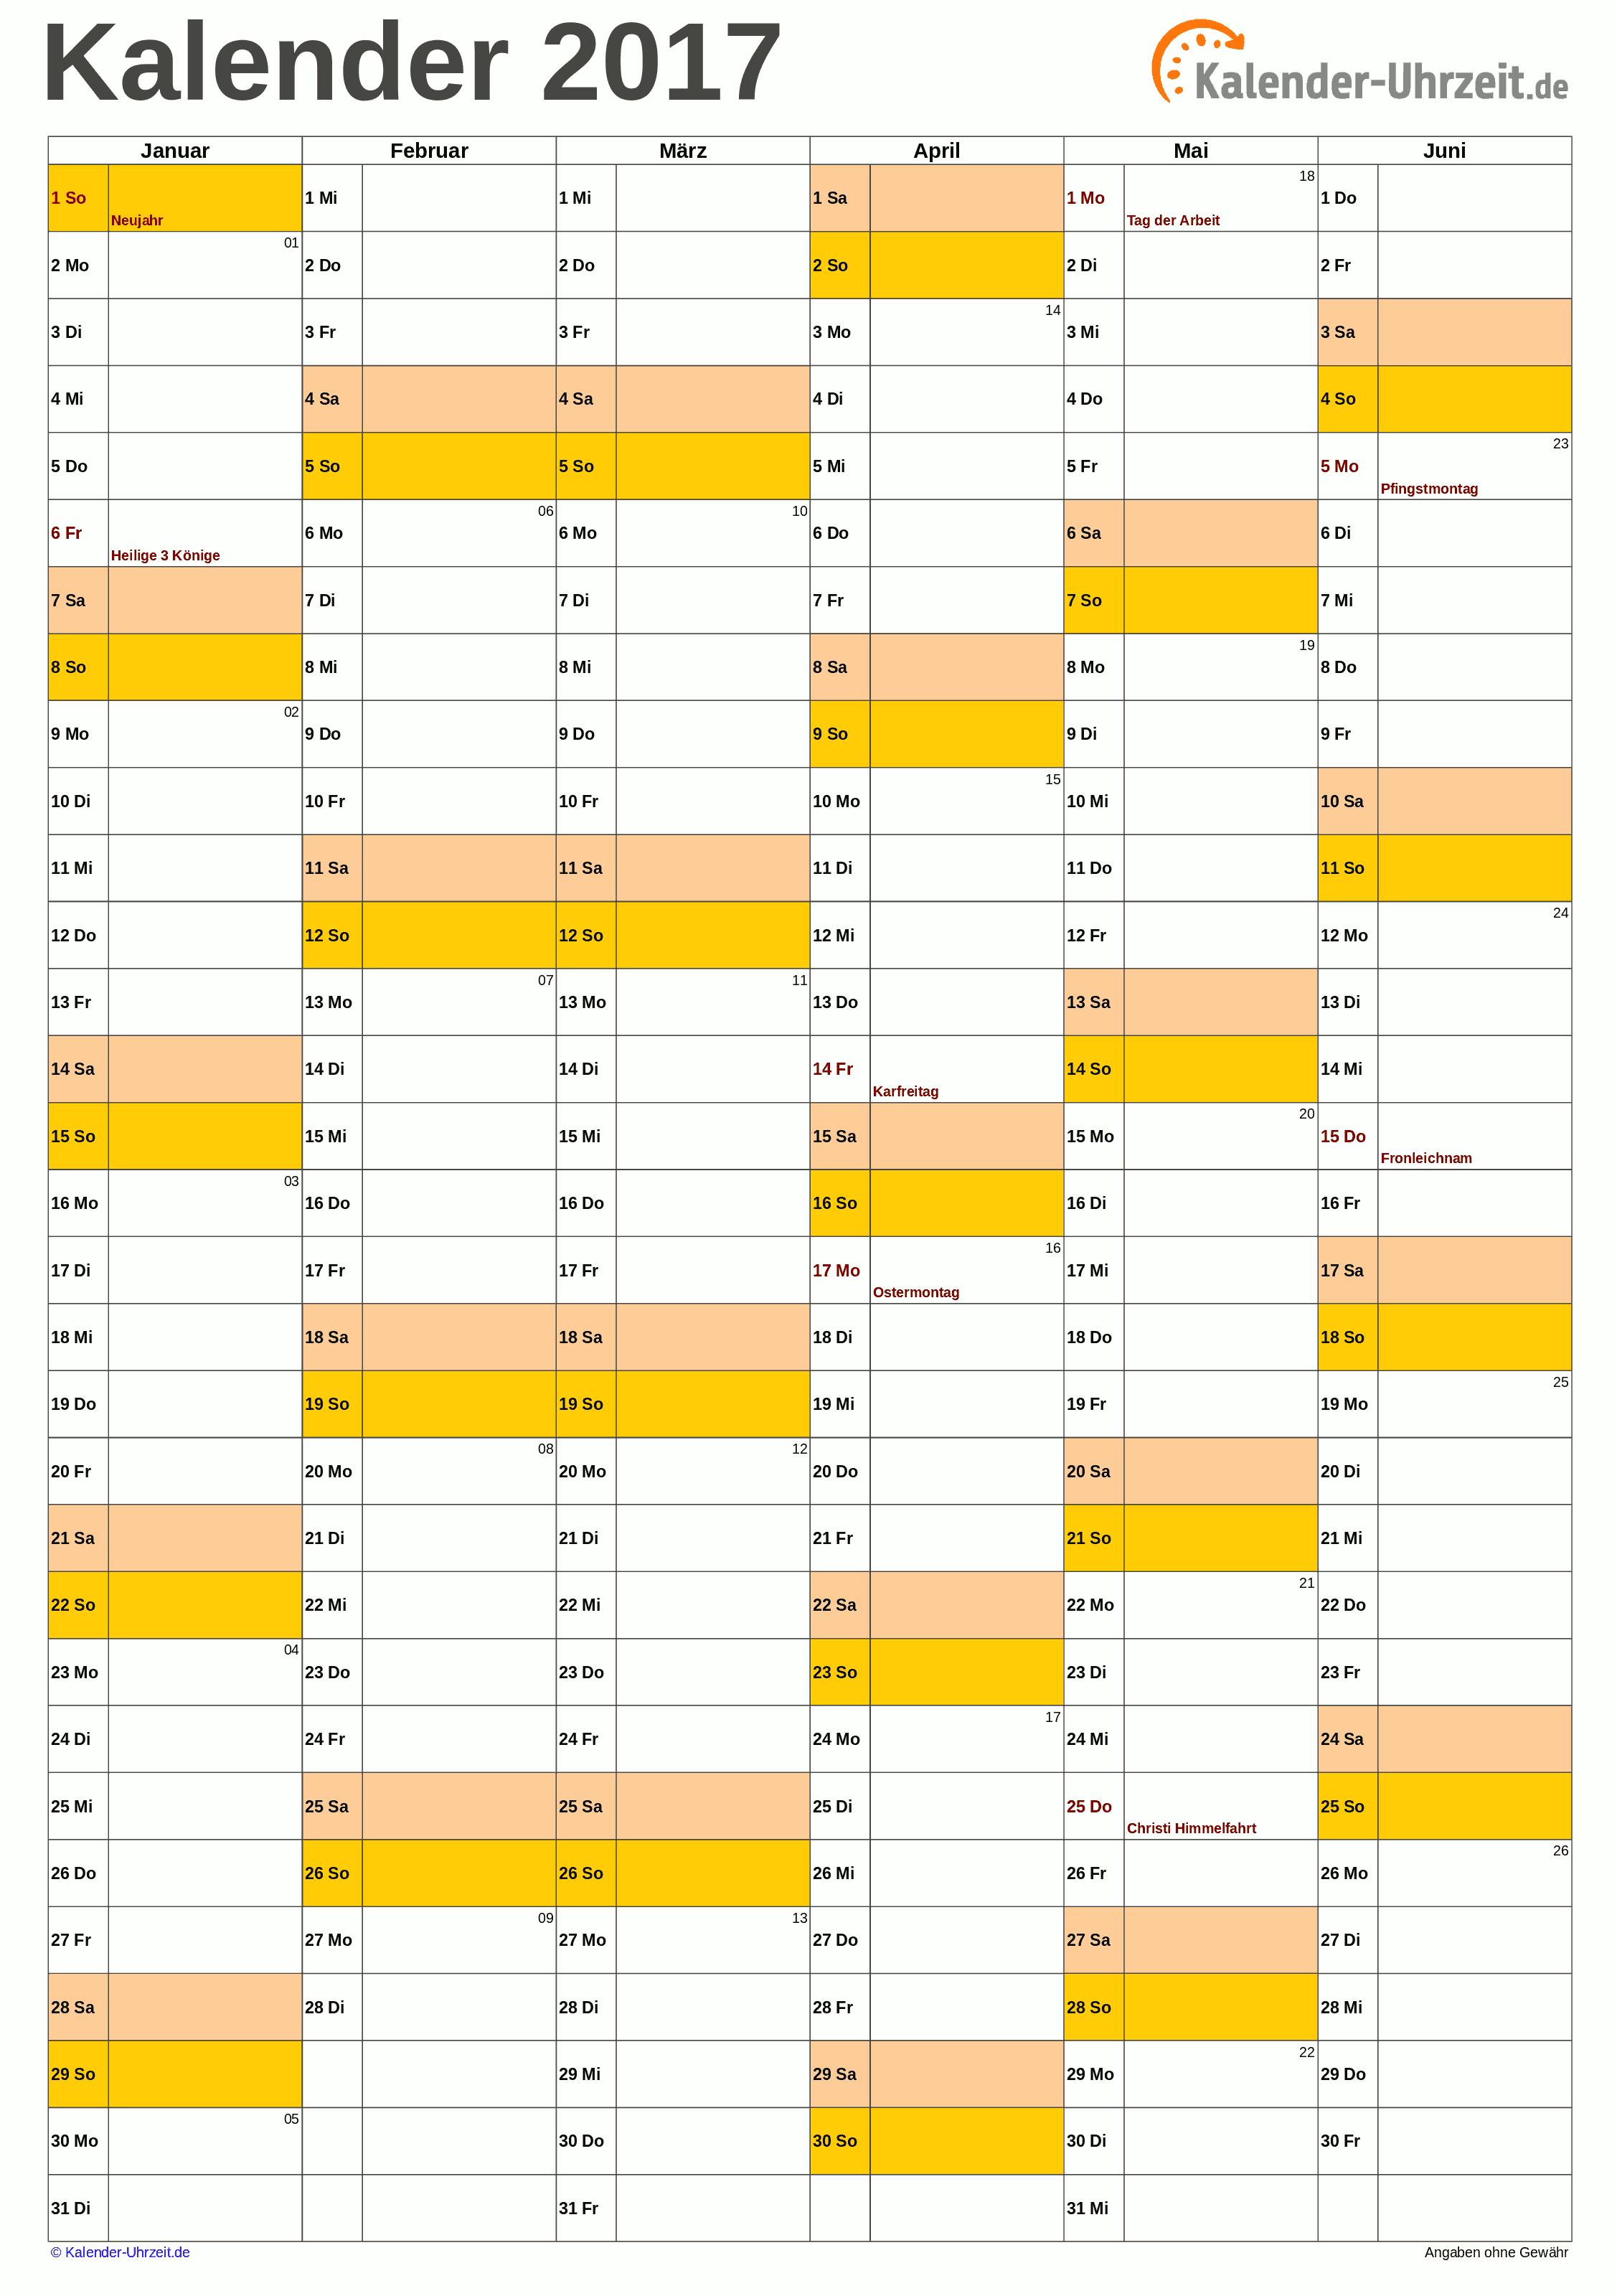 Halbjahreskalender 2017 A4 Hochformat Kaluhr Weitere Kalender Vorlagen 2017 Http Www Kalender Uhrzeit De Kalender 2 Kalender 2017 Ausdrucken 2019 Kalender